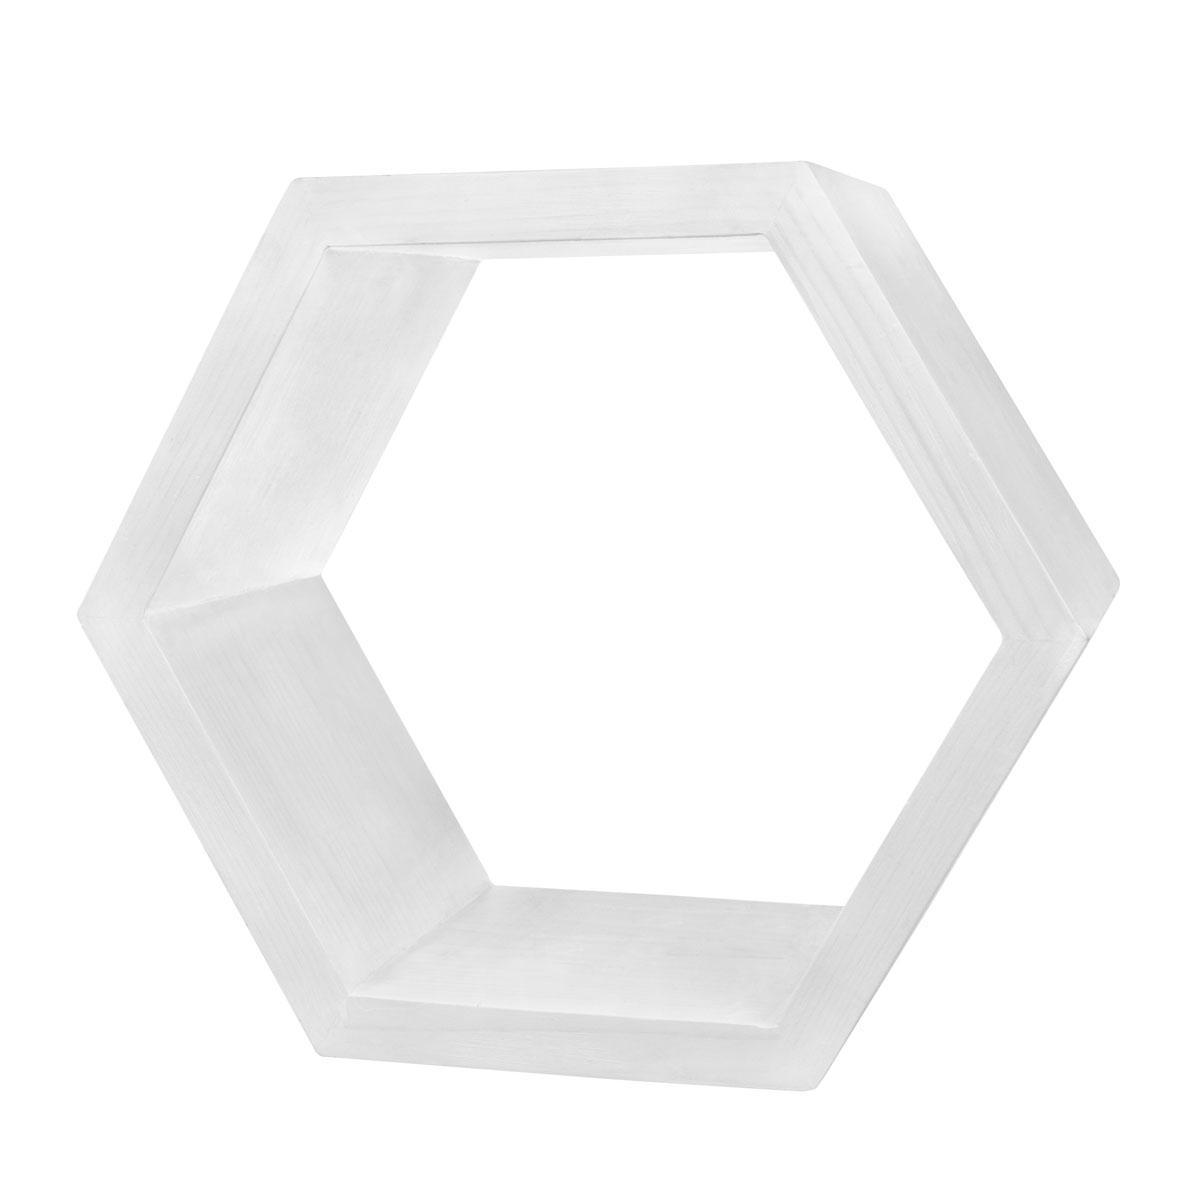 Декоративная полка EcoWoo 20 см, цвет: белыйDSH7NWОригинальные деревянные полки шестигранники. Отличное решение для декорирования комнаты. Несколько полок можно складывать в причудливые сочетания, ограниченные только вашей фантазией. Любой цвет и размер. Станьте креативными дизайнерами своего жилого пространства!